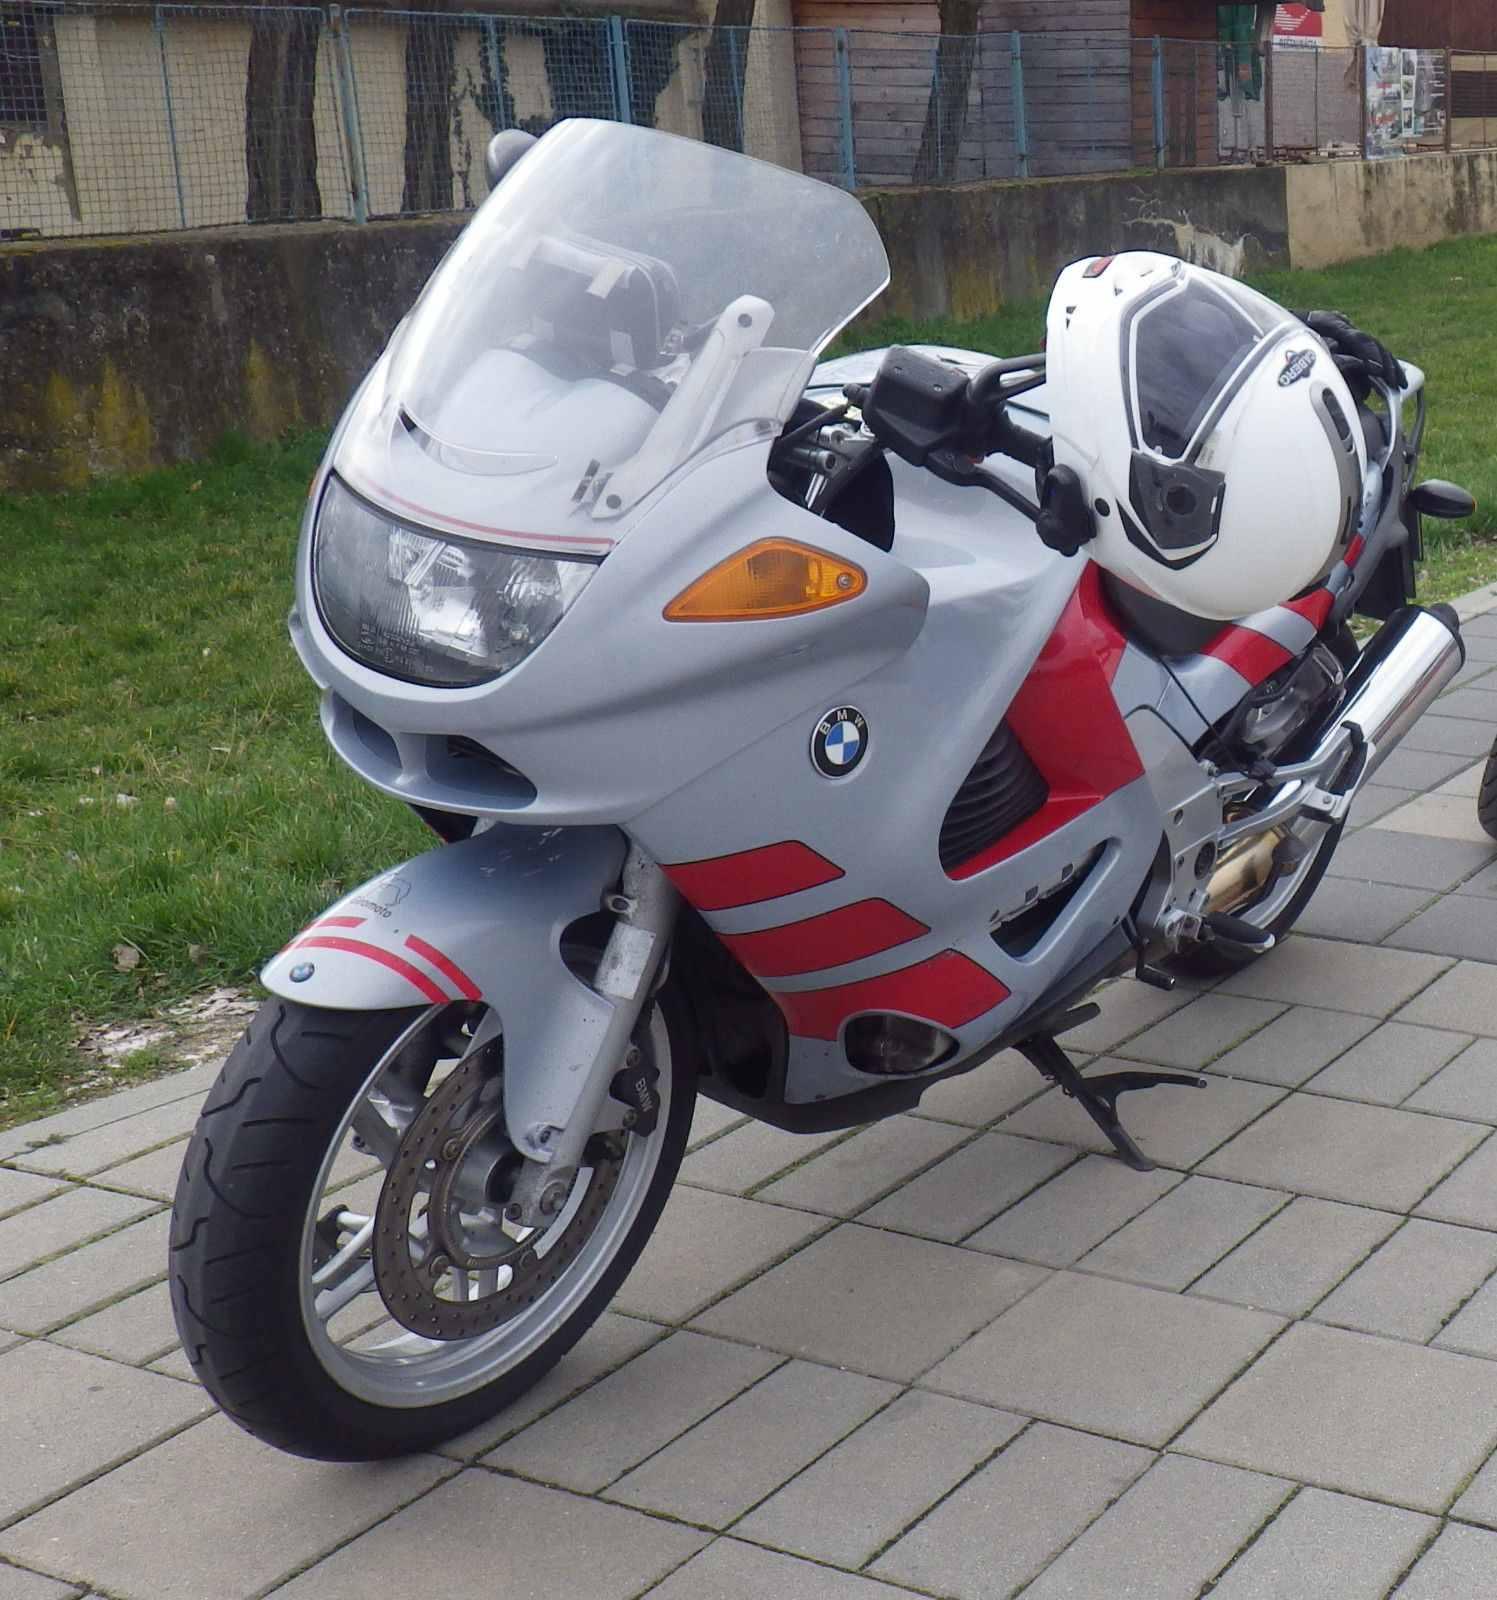 BMW K 1200 RS, 3. kép